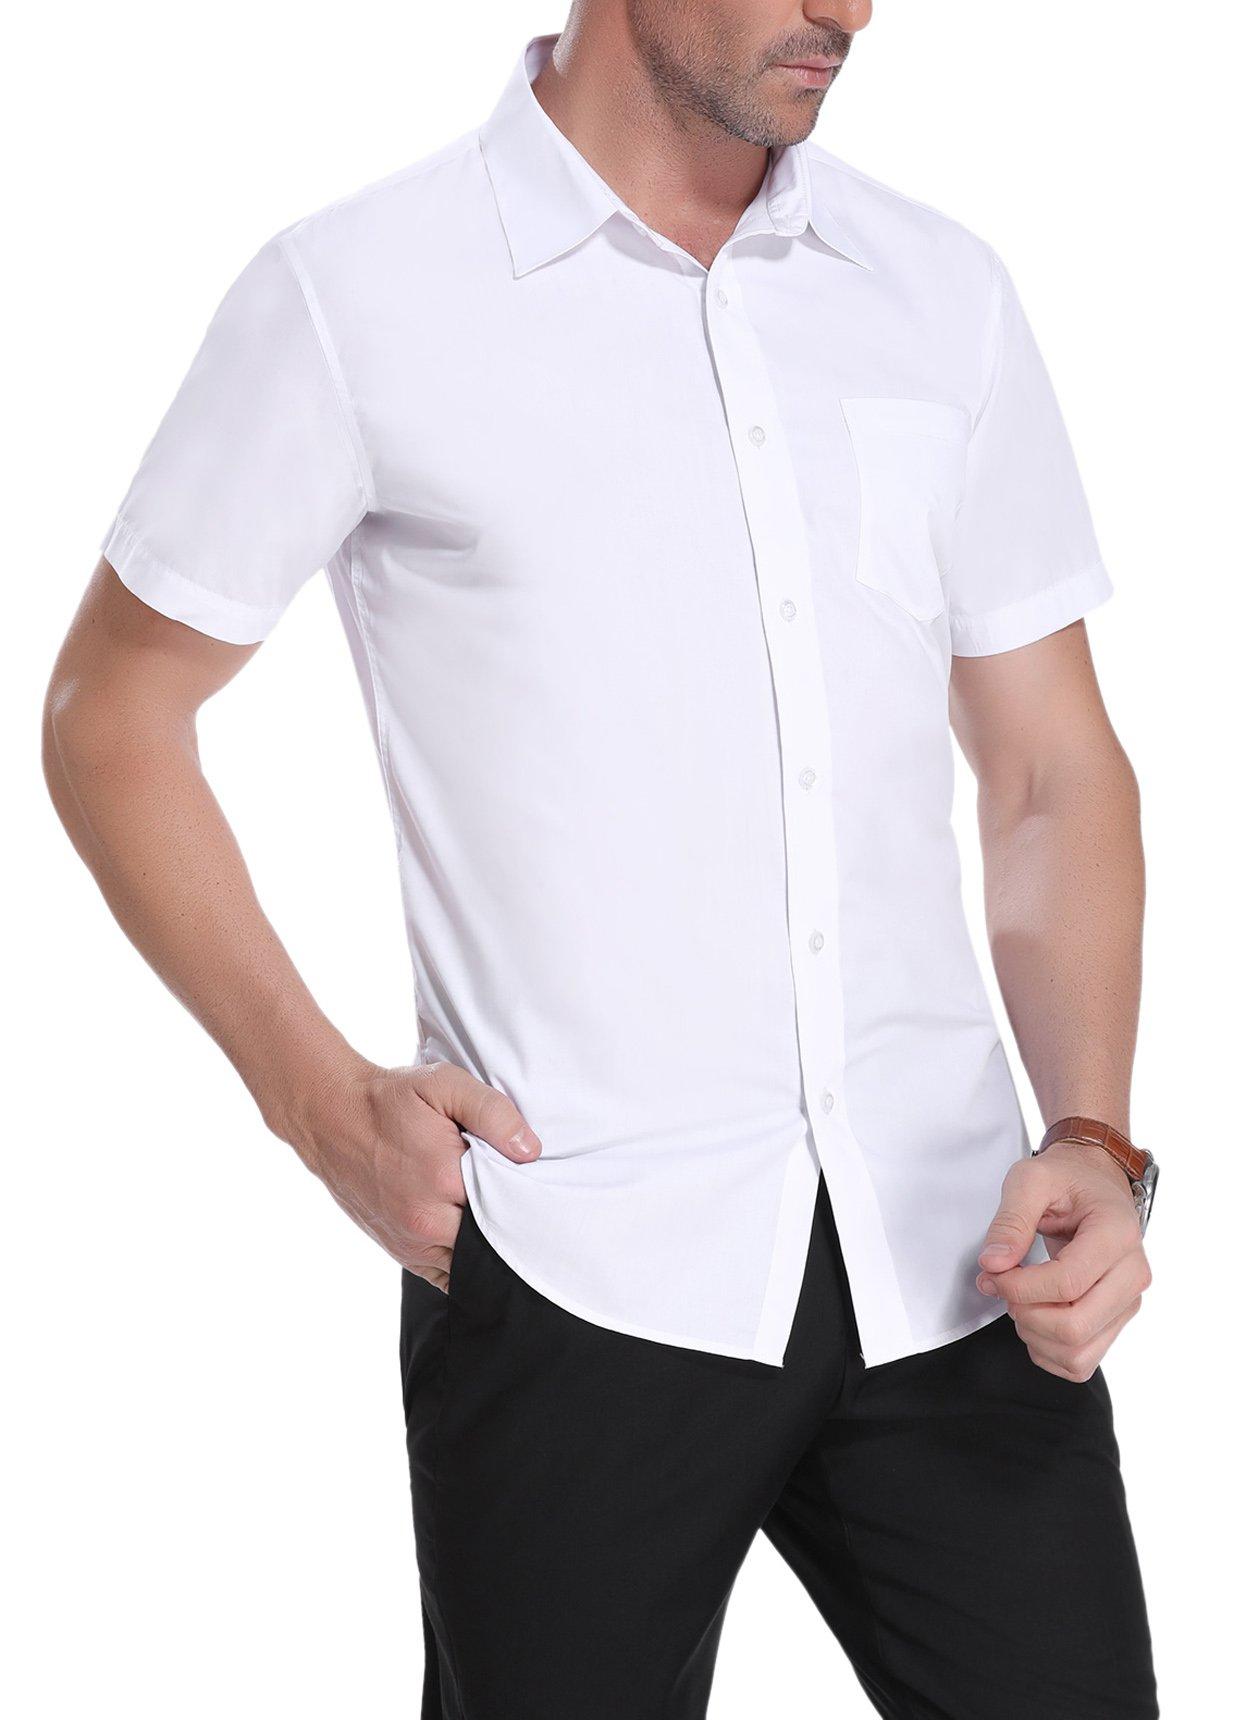 iClosam Men's Casual Short Sleeve Button Down Shirt Collar Dress Shirt